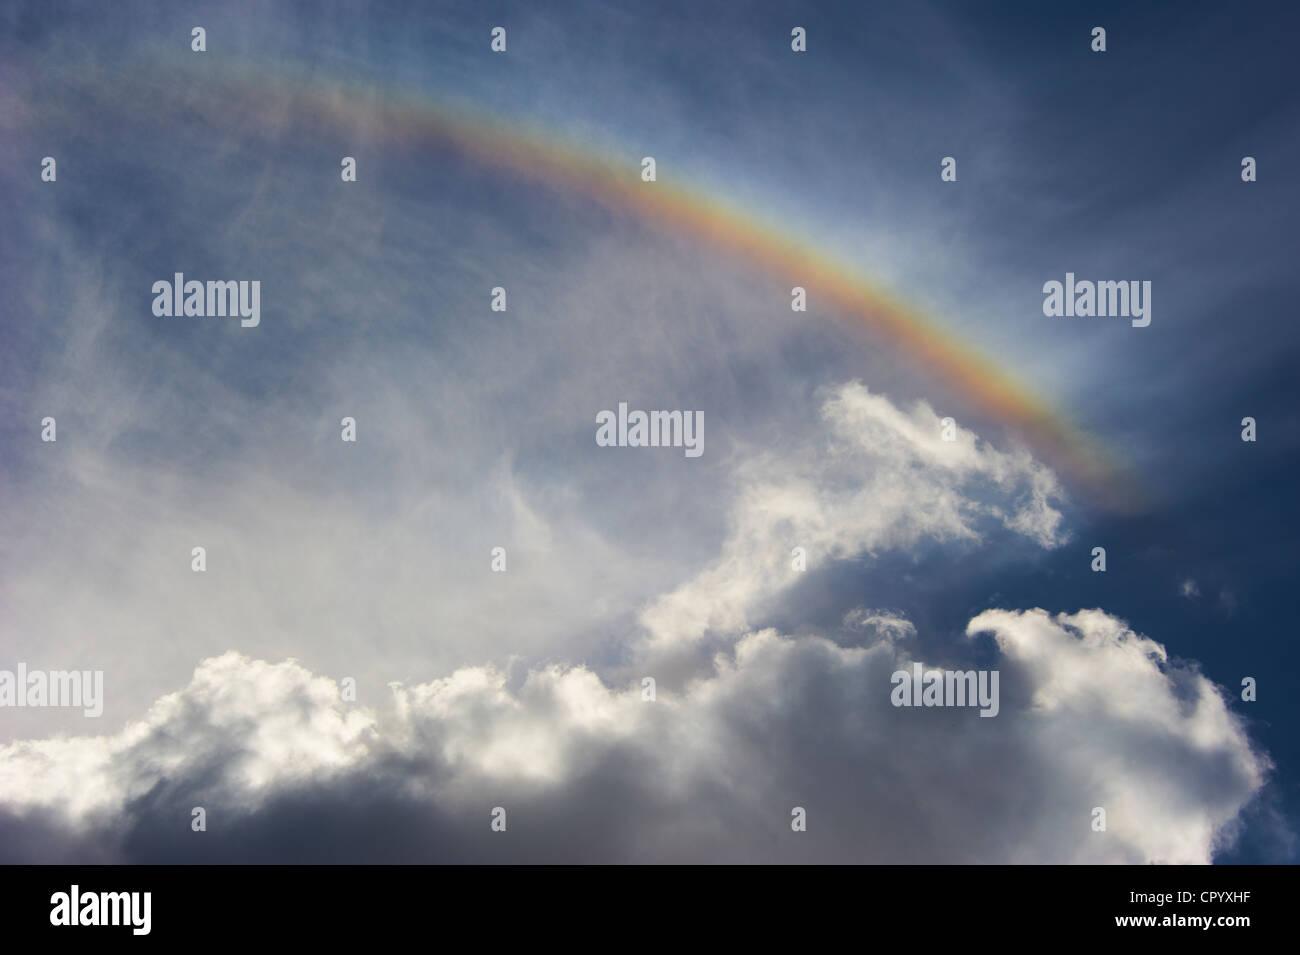 Rainbow against cloudy sky - Stock Image